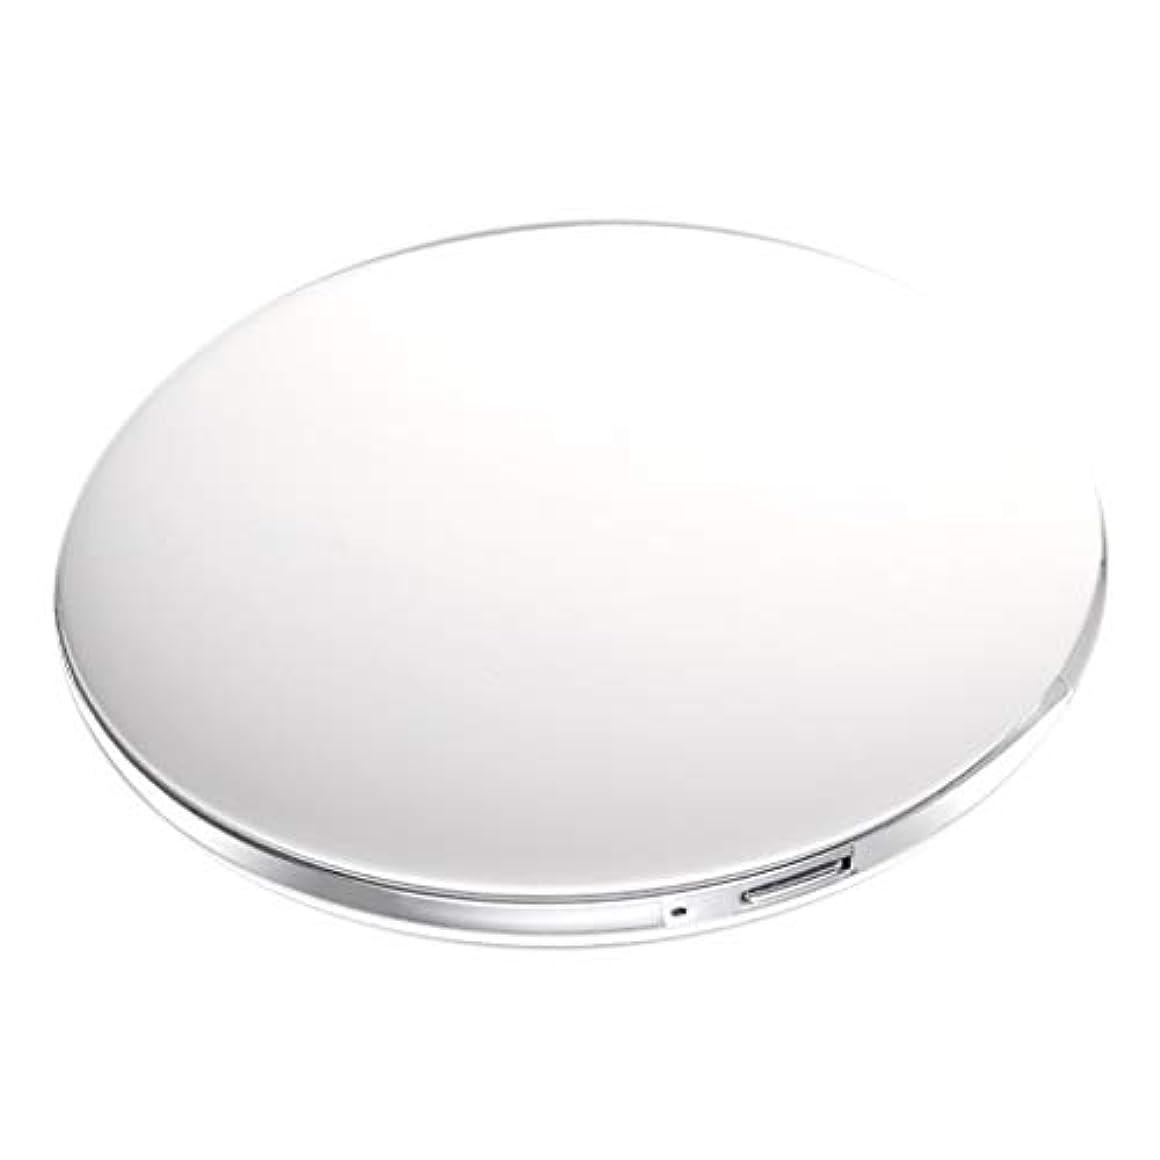 結論リルぬるい両面コンパクトミラー 拡大鏡付き手鏡 LEDミラー 女優ミラー 3倍拡大 折りたたみ式 充電 全5色 - 白